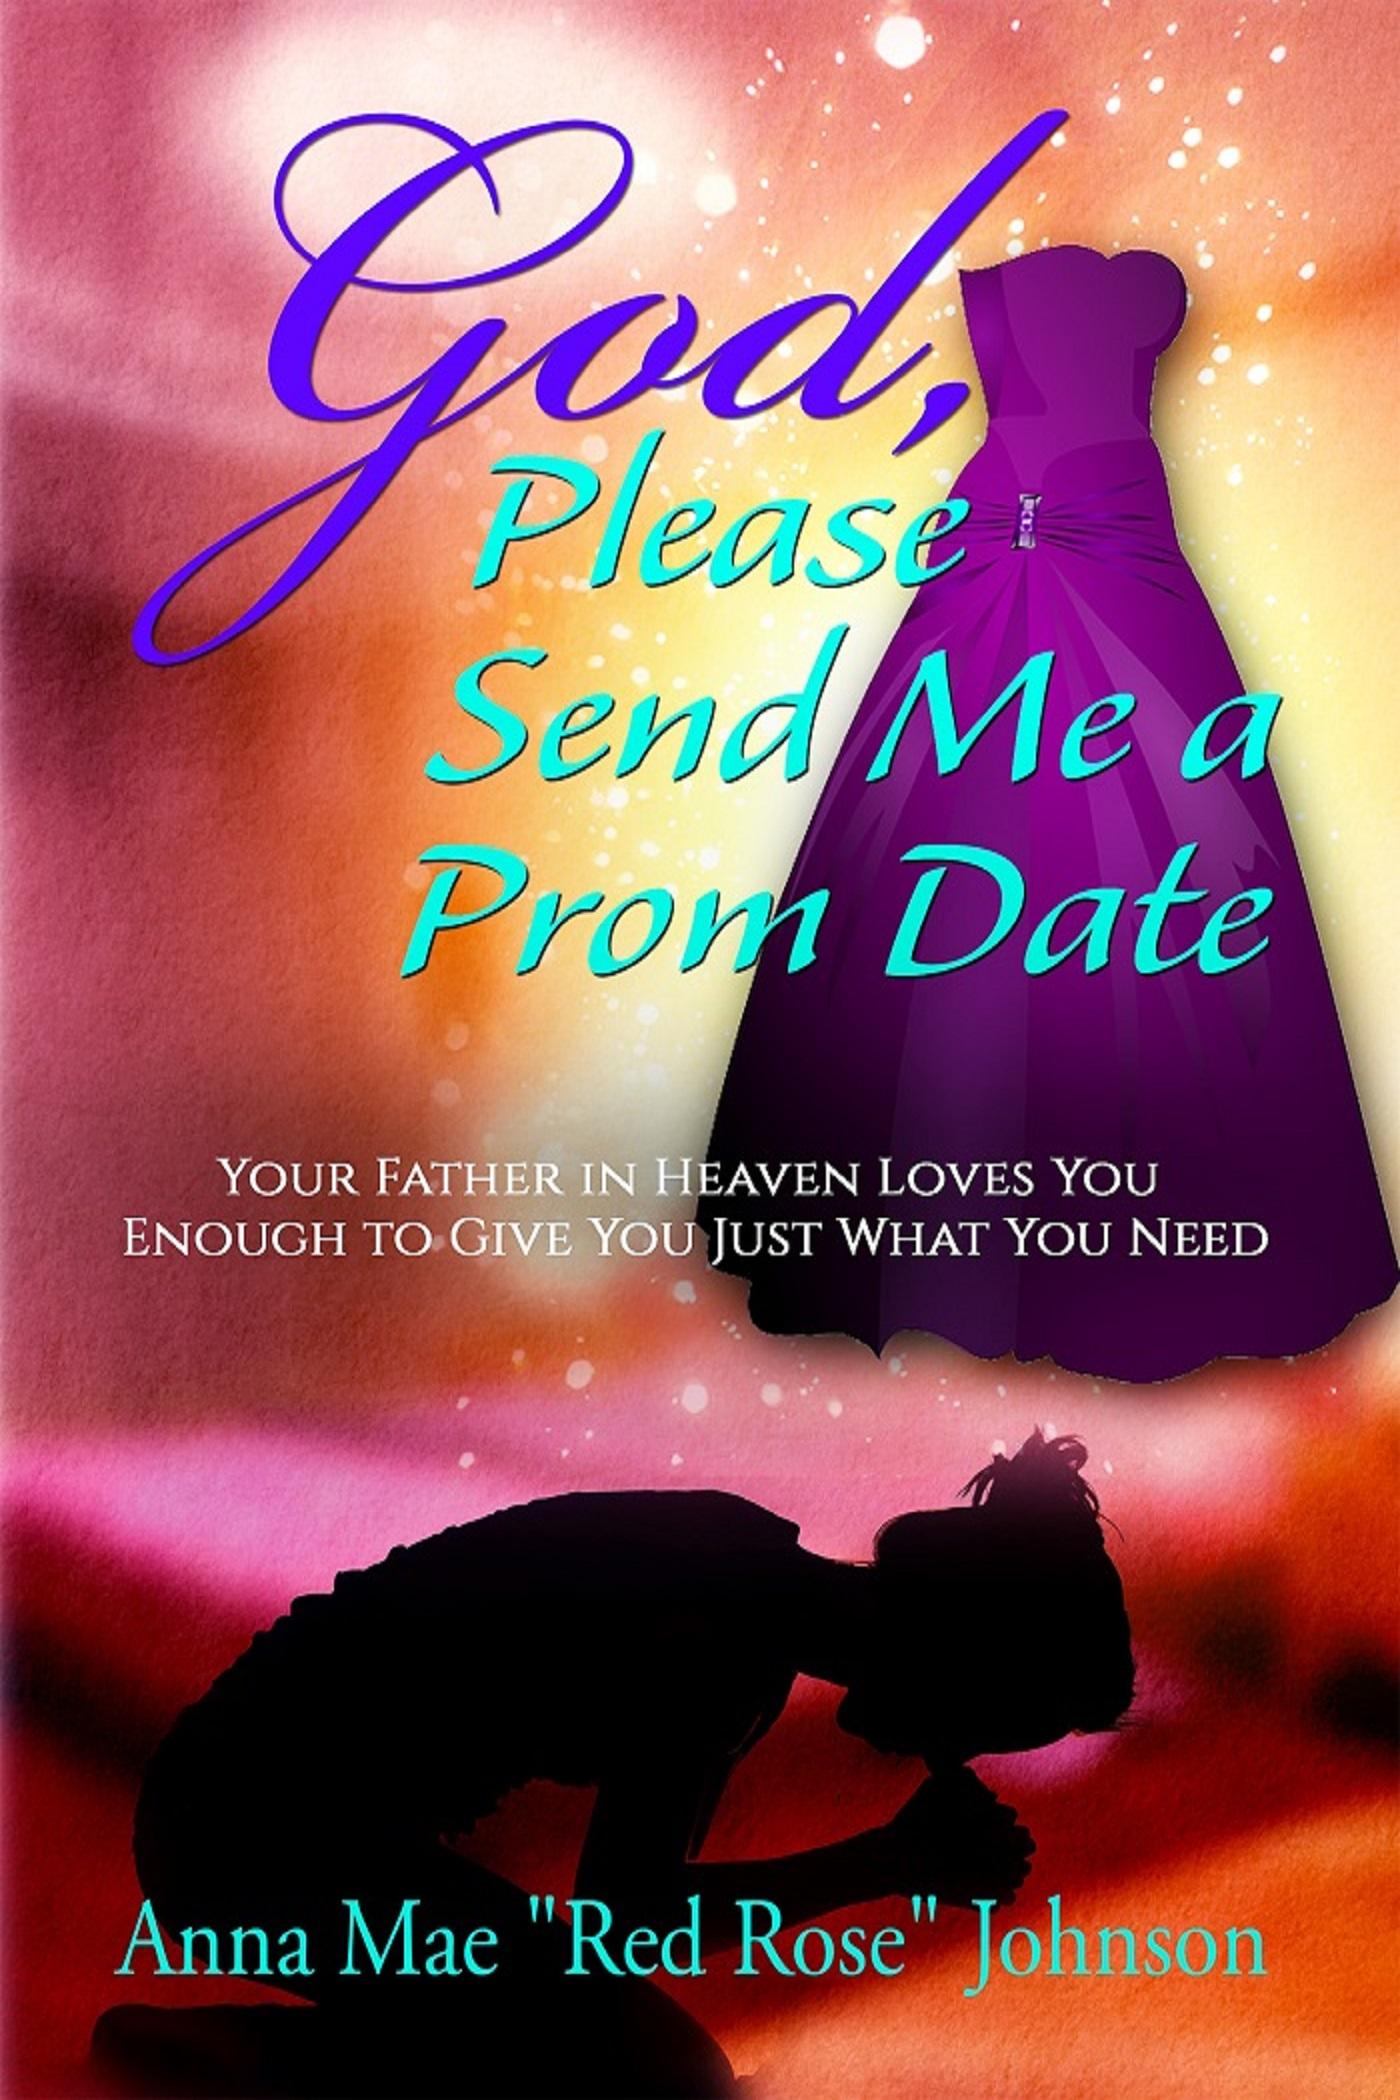 god email til at sende til online dating dating sites til gratis london